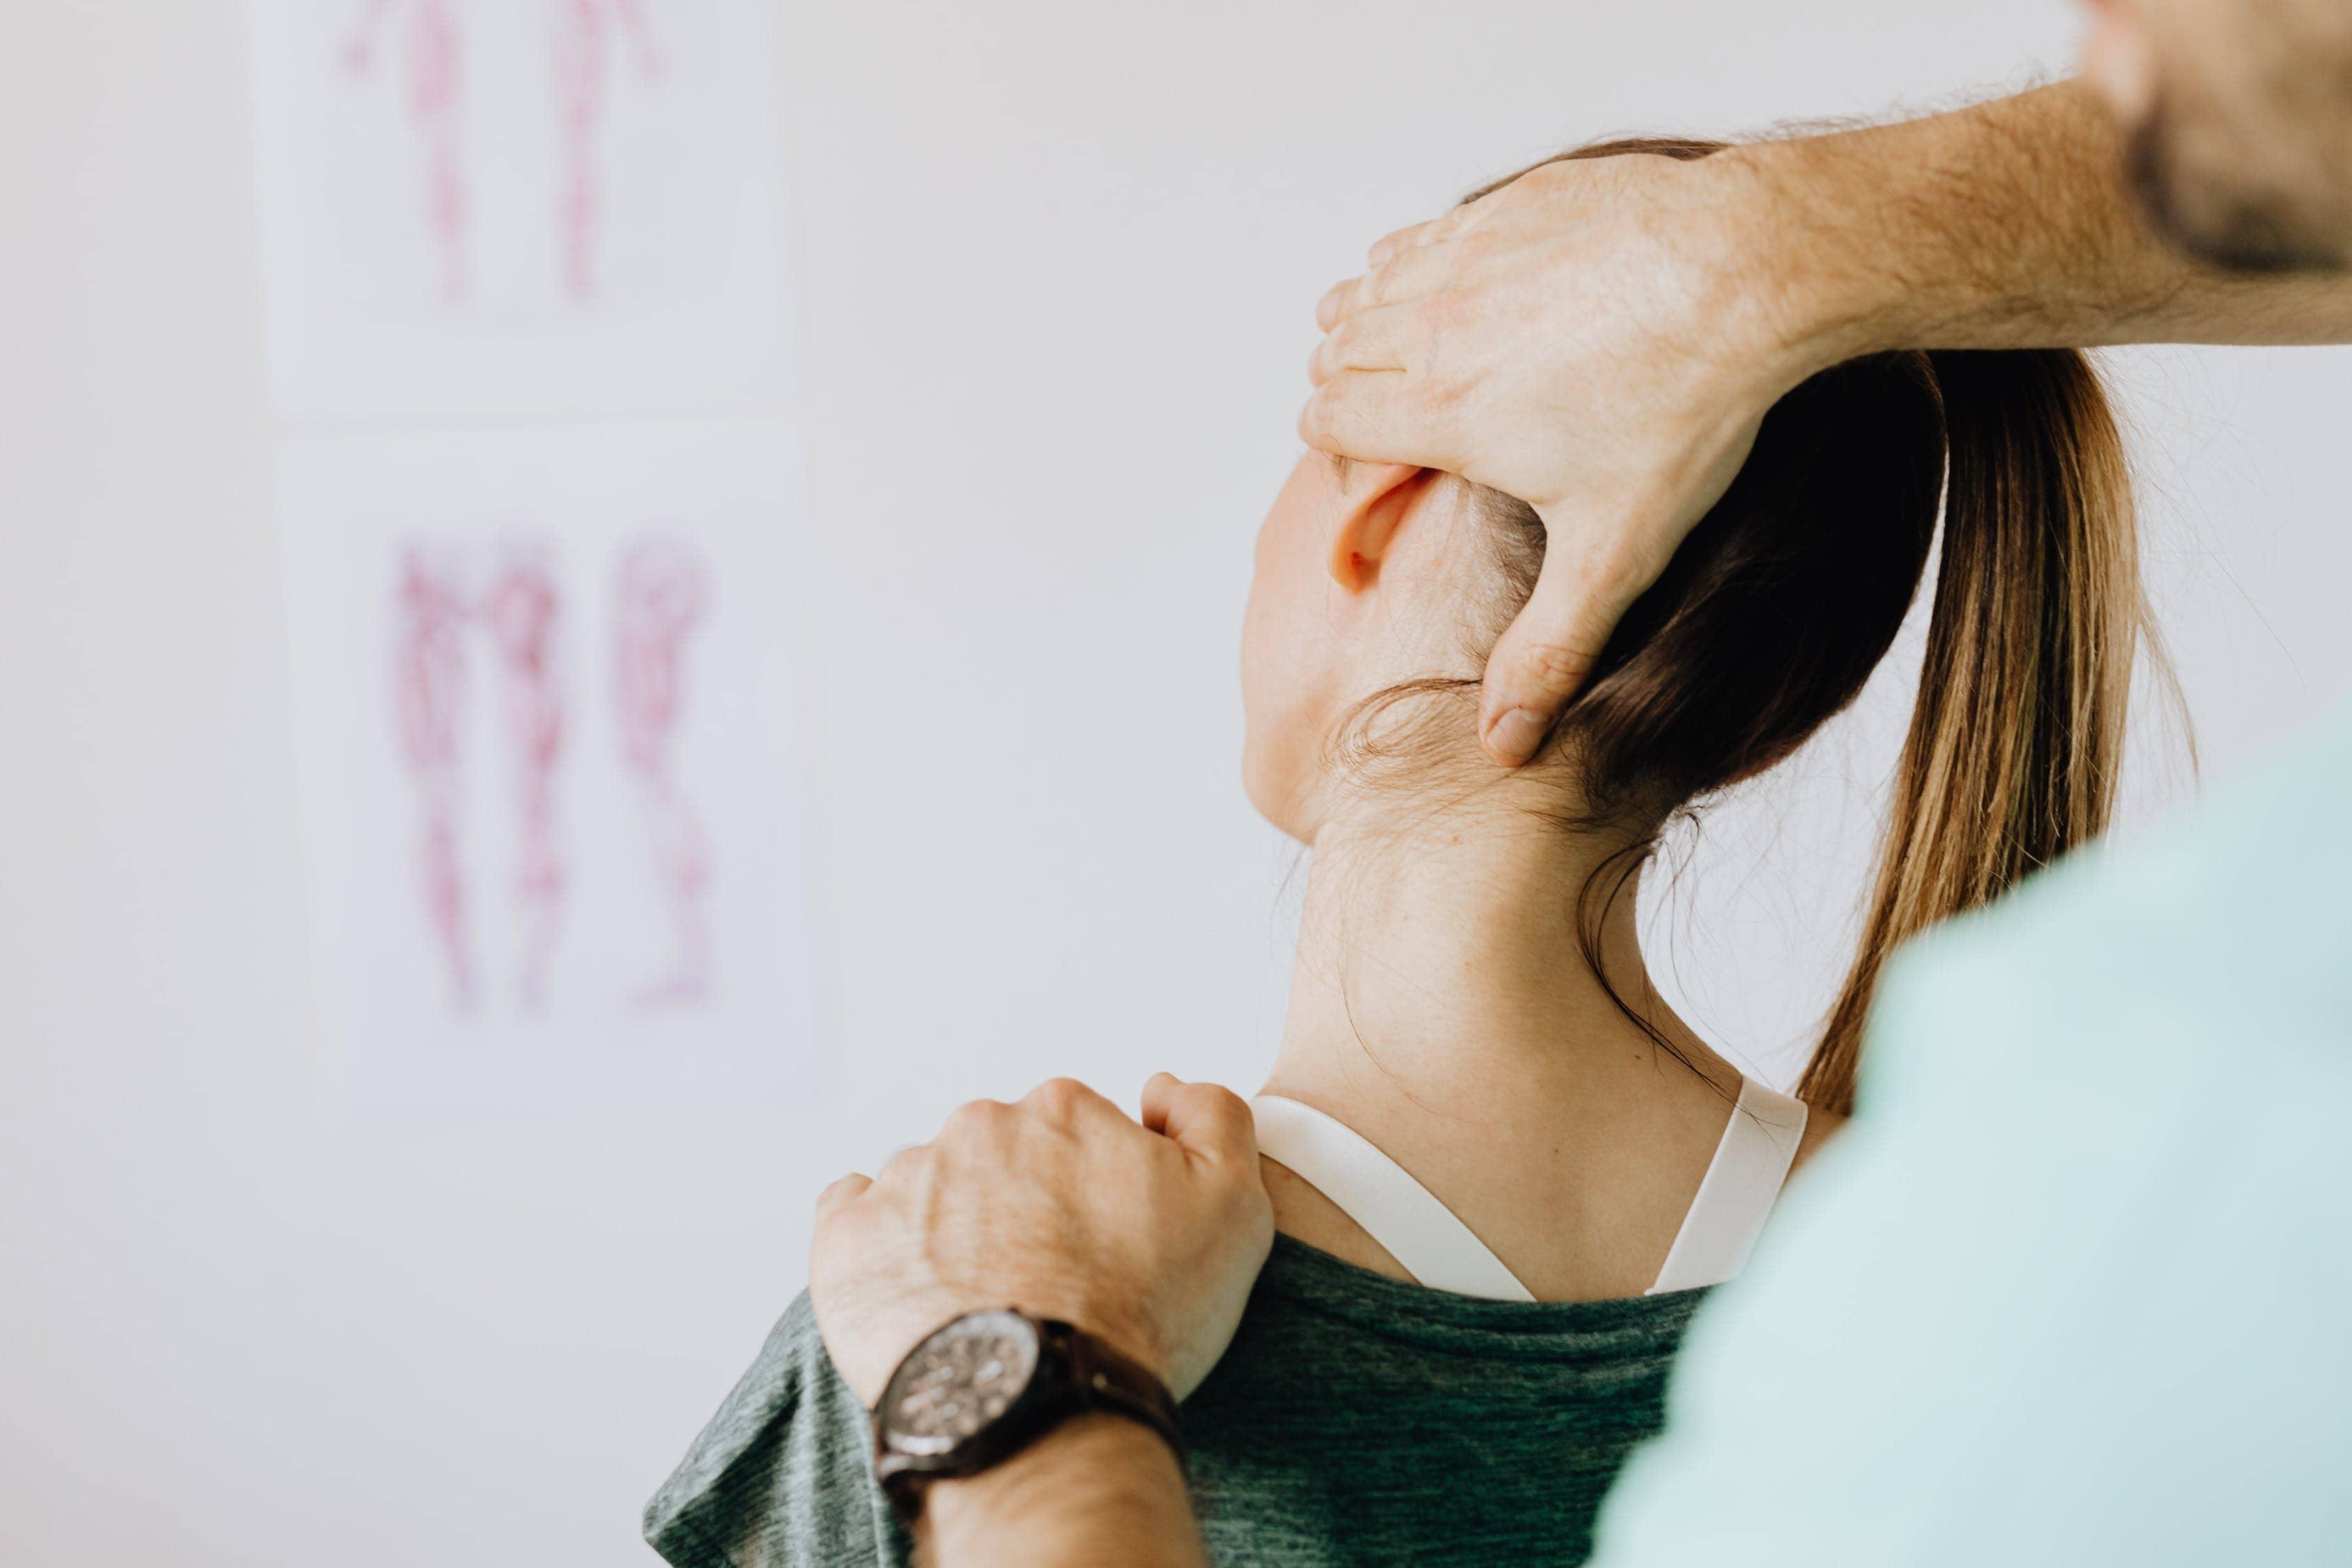 Femme souffrant de la maladie de Hashimoto: traitement naturel et causes.